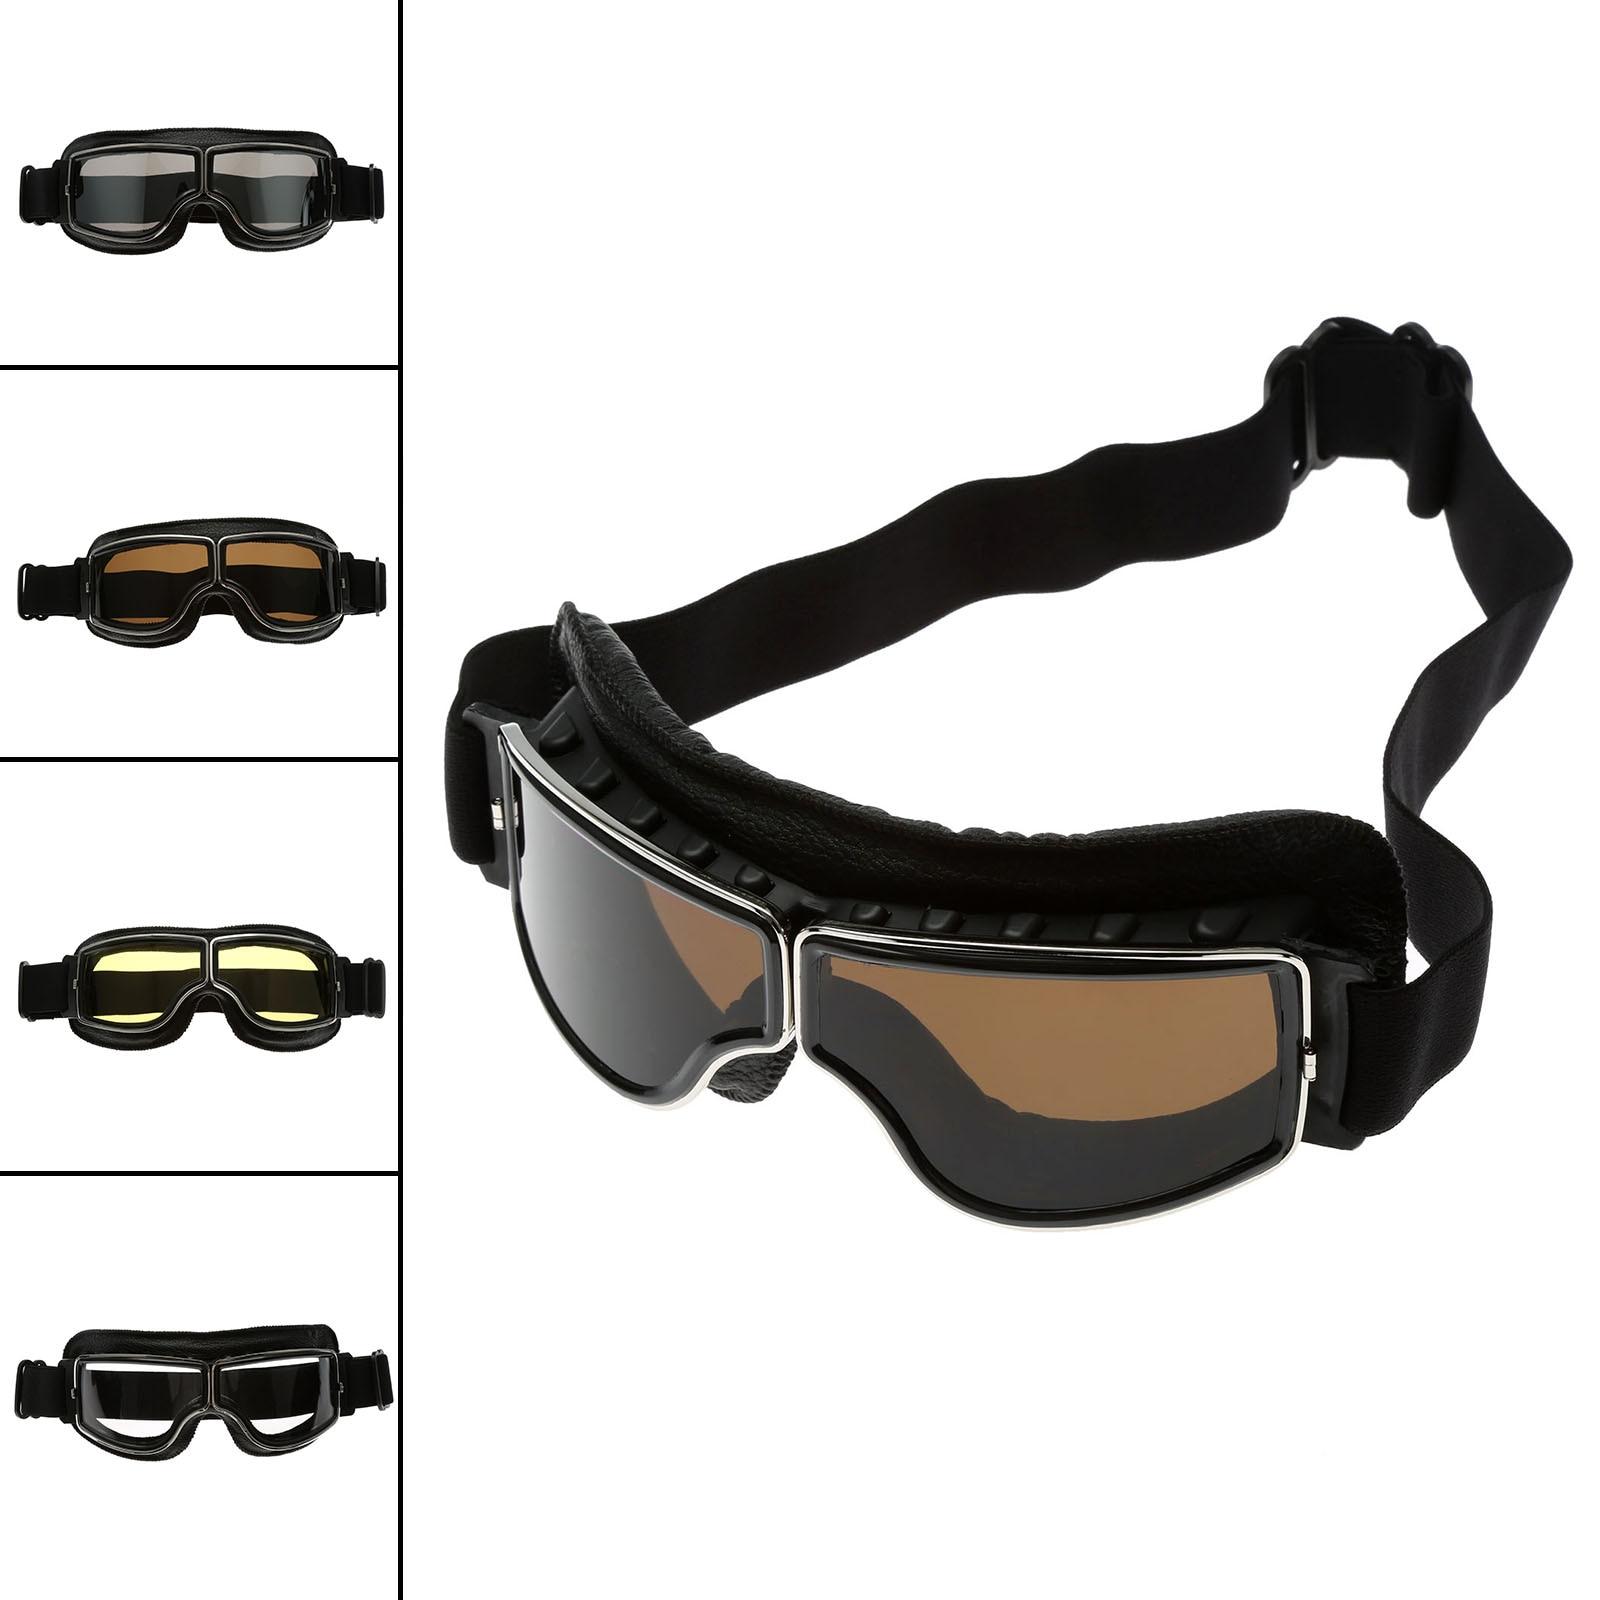 Retro Óculos de Proteção Da Motocicleta Para Harley Capacete de Motocross Óculos de Proteção UV Ski Snowboard Skate Óculos Óculos Retro De Couro Lente